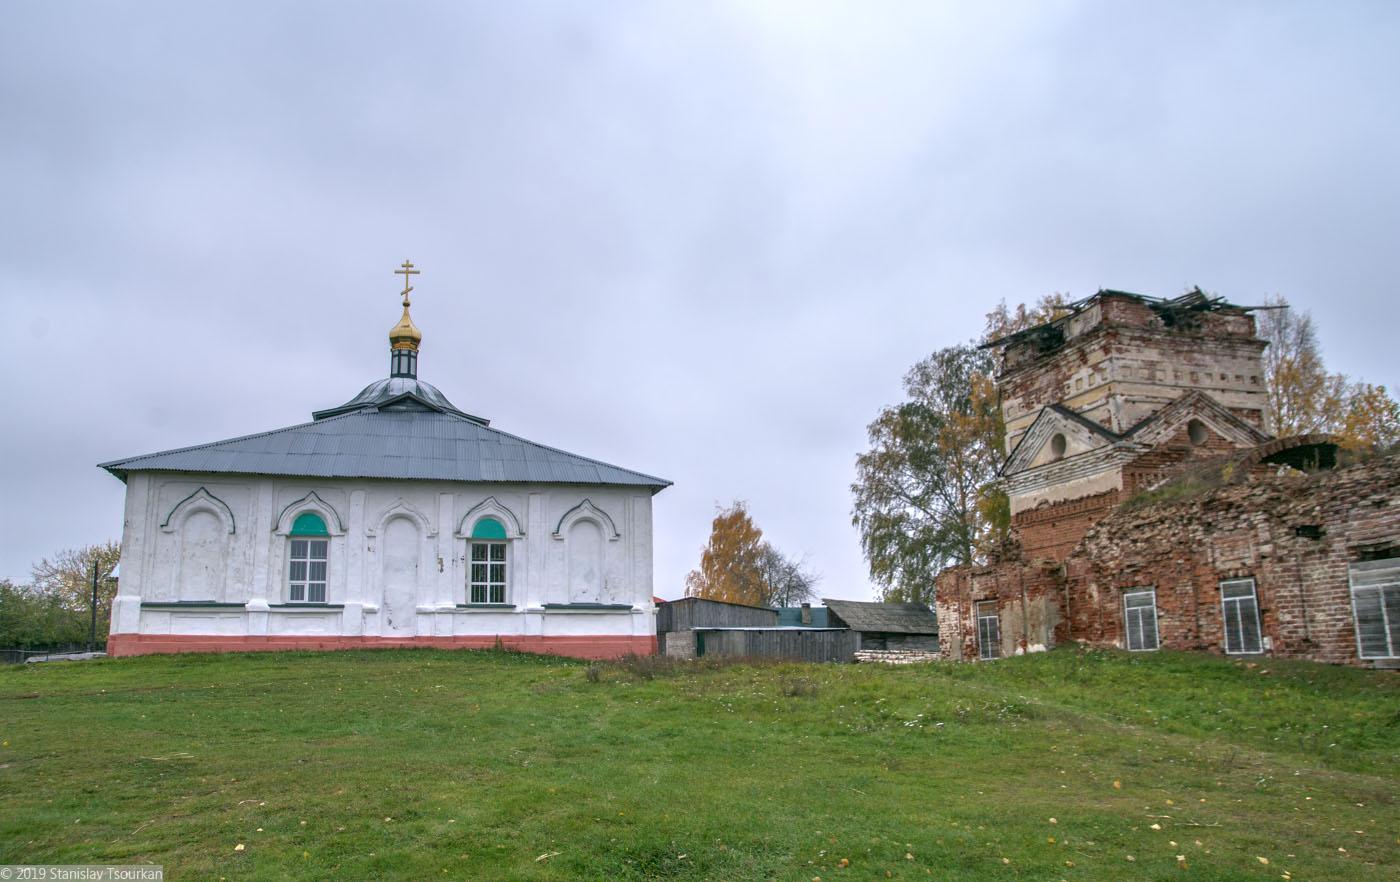 Весьегонск, Тверская область, Троицкая церковь, Казанская церковь